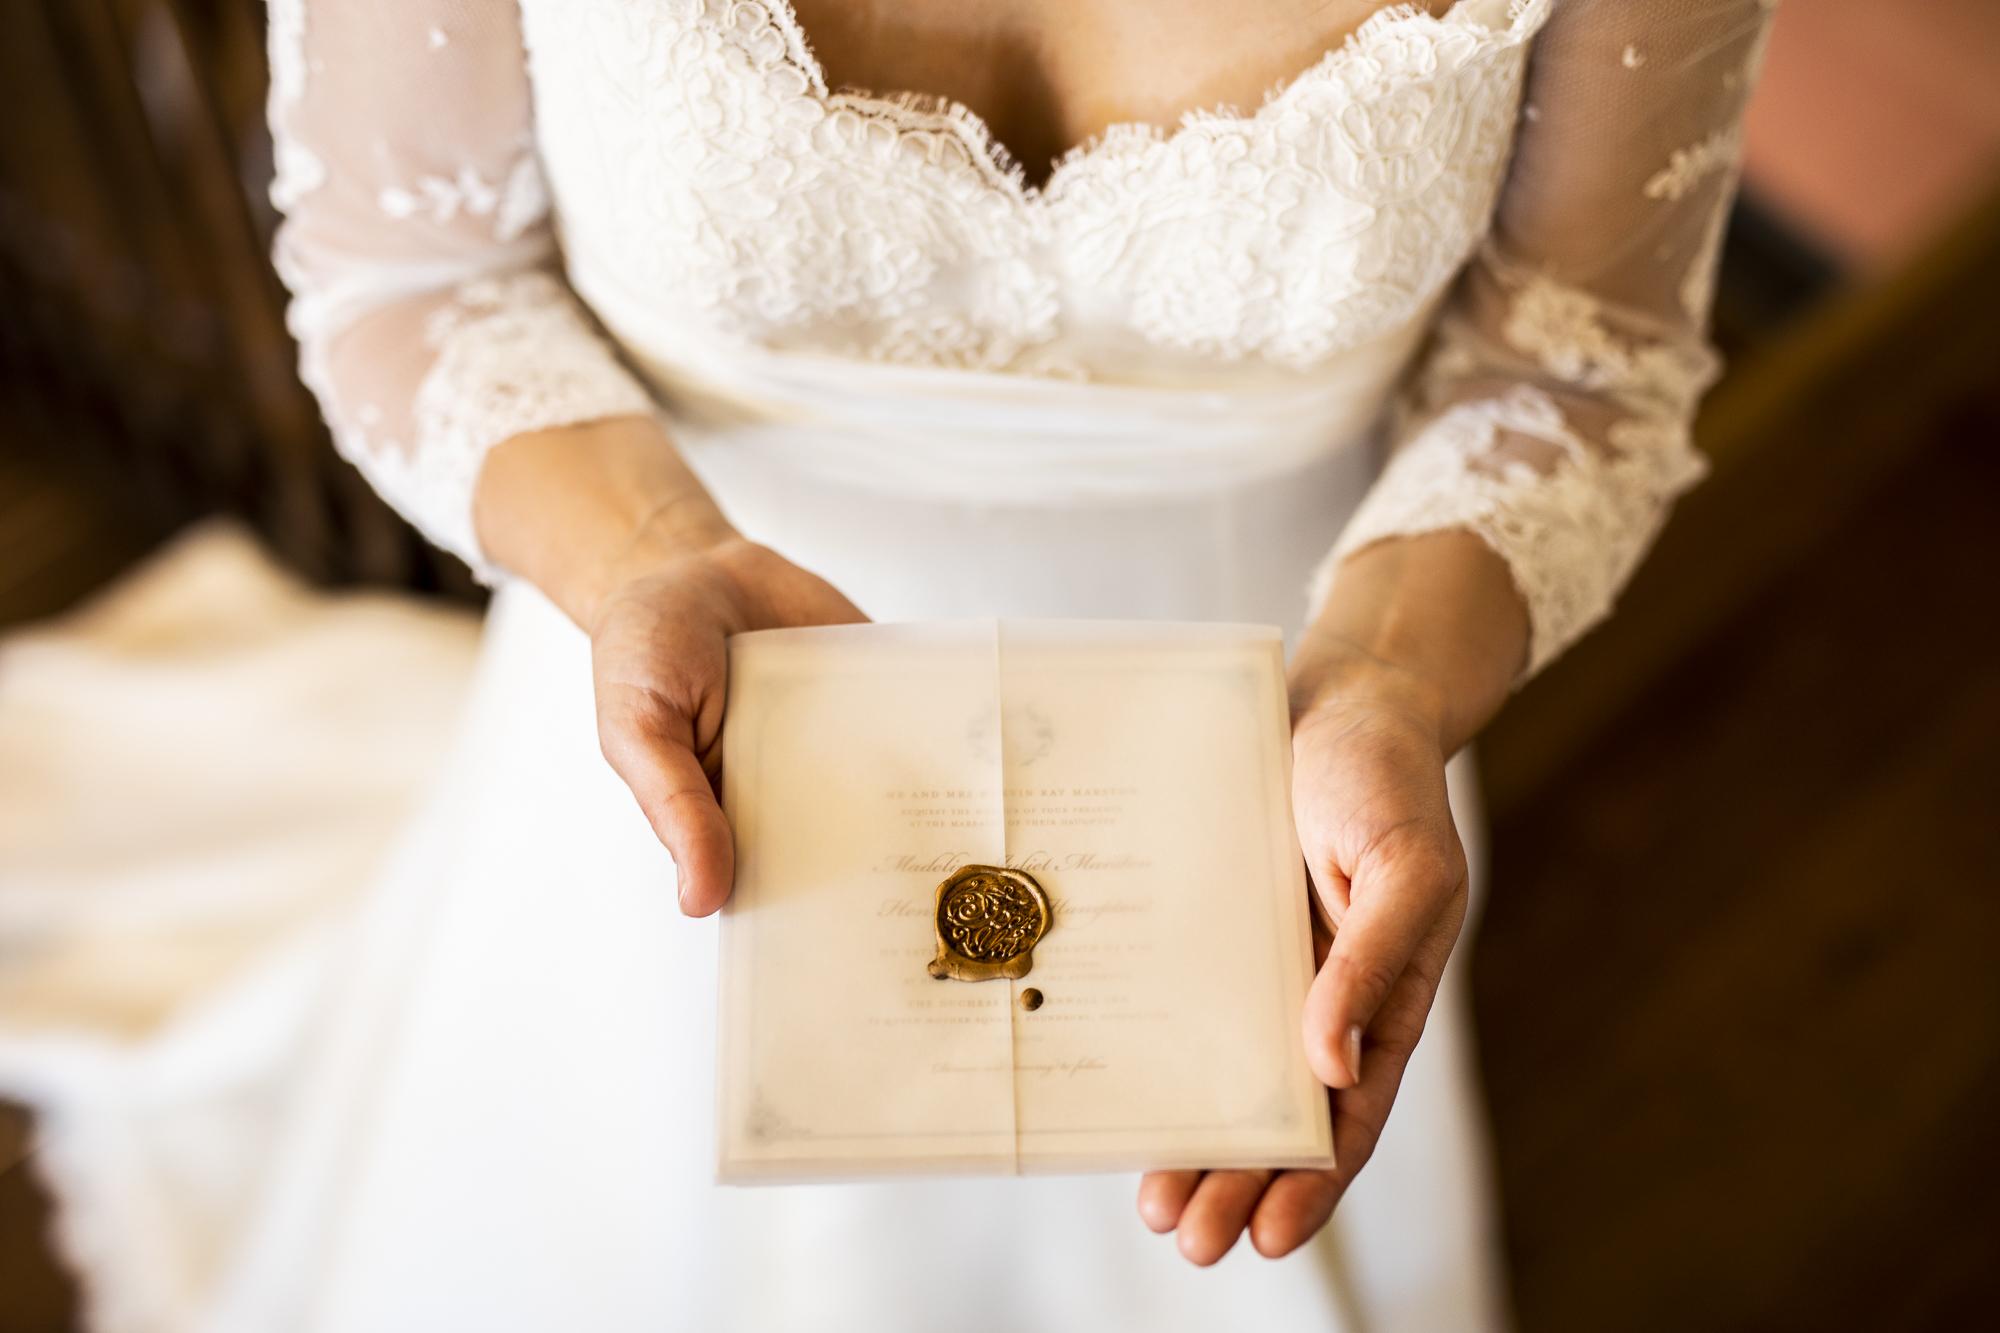 luxury_bespoke_wedding_invitations_stationery_dorset_bournemouth_poole_10.jpg